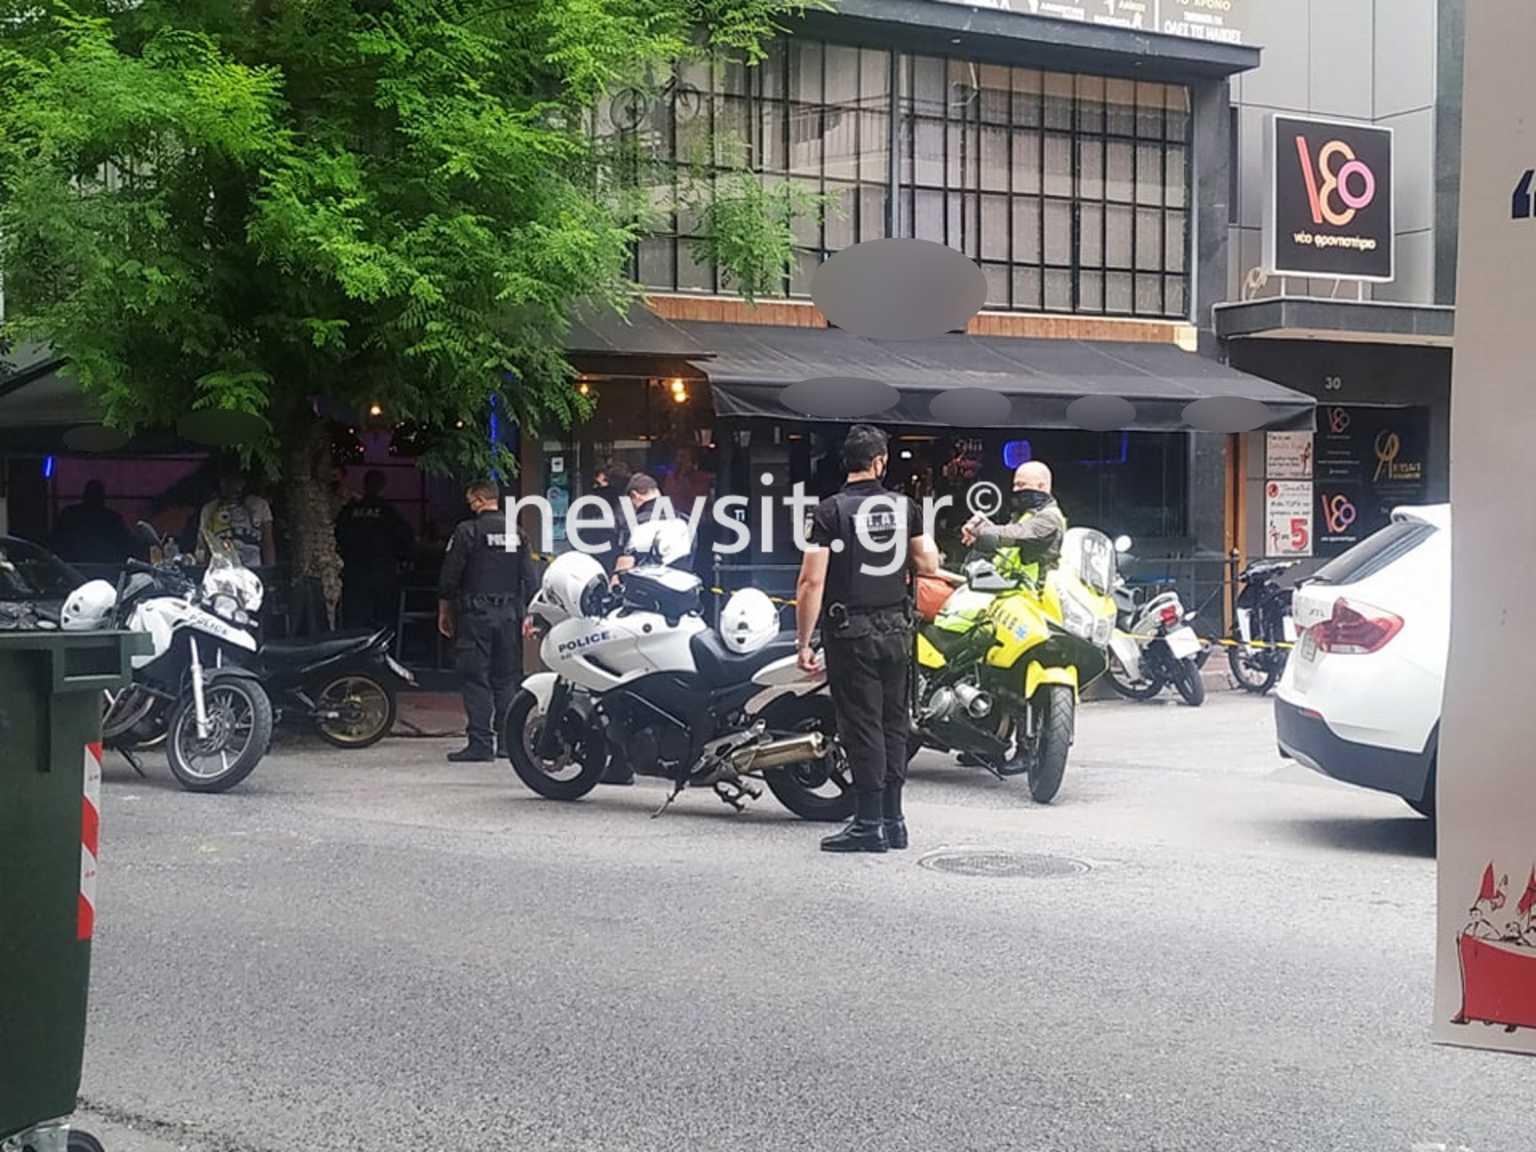 Σεπόλια: Πυροβολισμοί σε καφετέρια – Αστυνομία στο σημείο